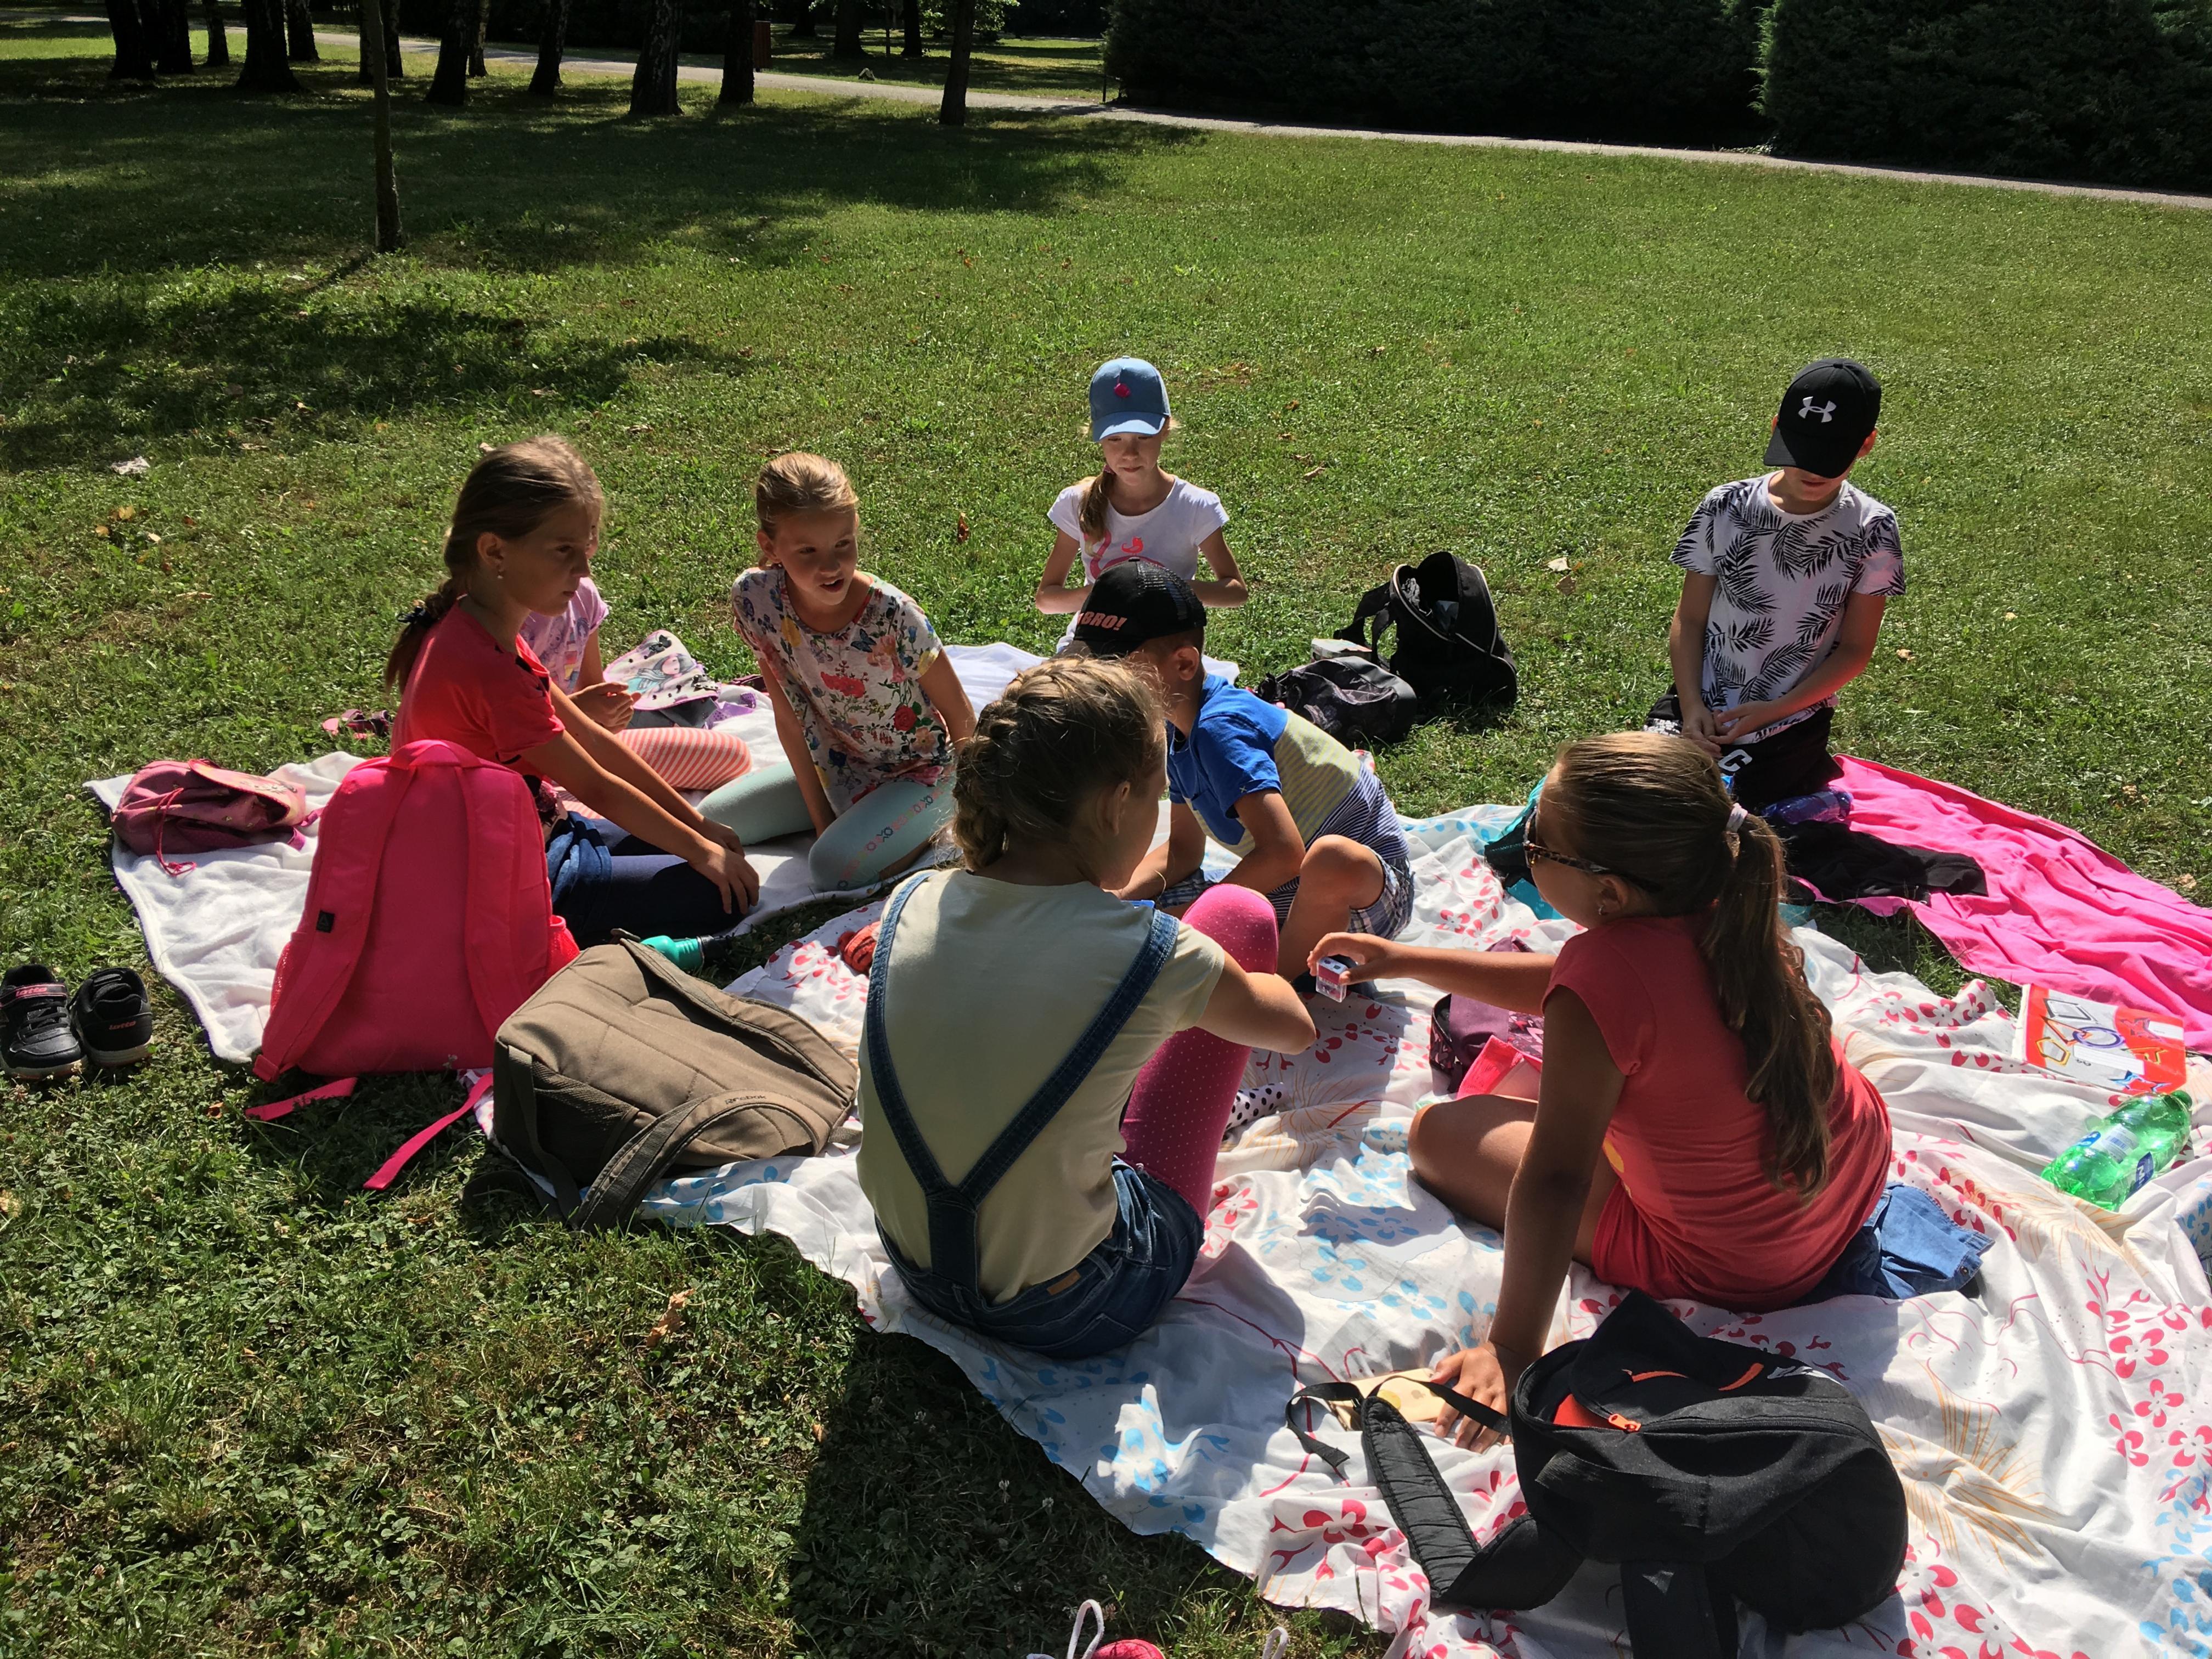 Letný tábor - liam school - piknik v parku